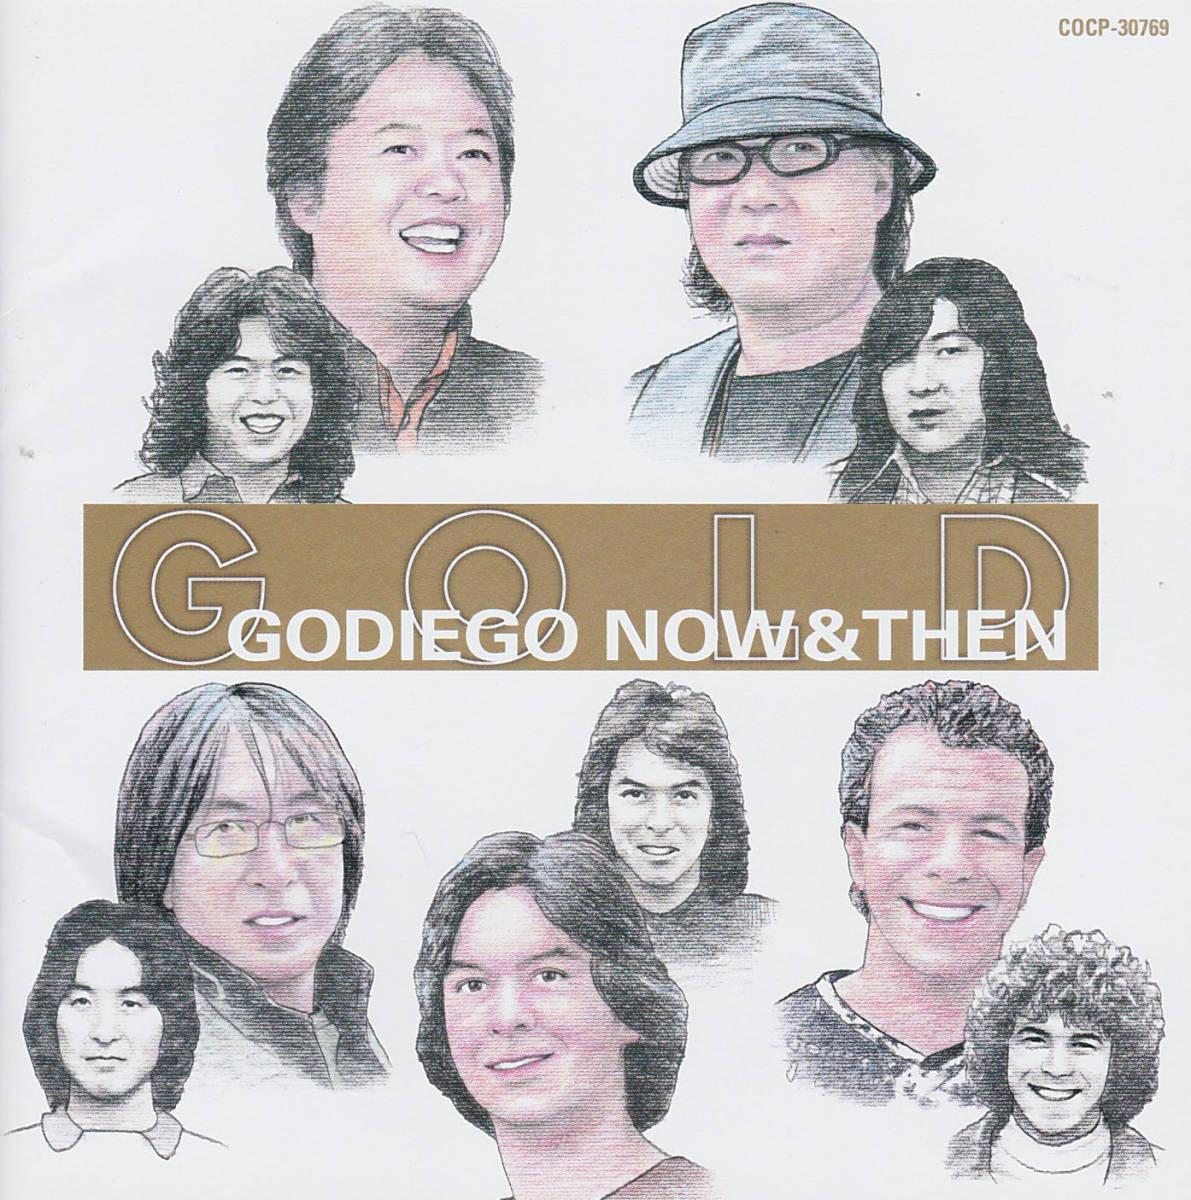 ゴダイゴ(GODIEGO)「NOW & THEN」ベスト盤CD<モンキー・マジック、銀河鉄道999、ガンダーラ、ポートピア、他収録>_画像1